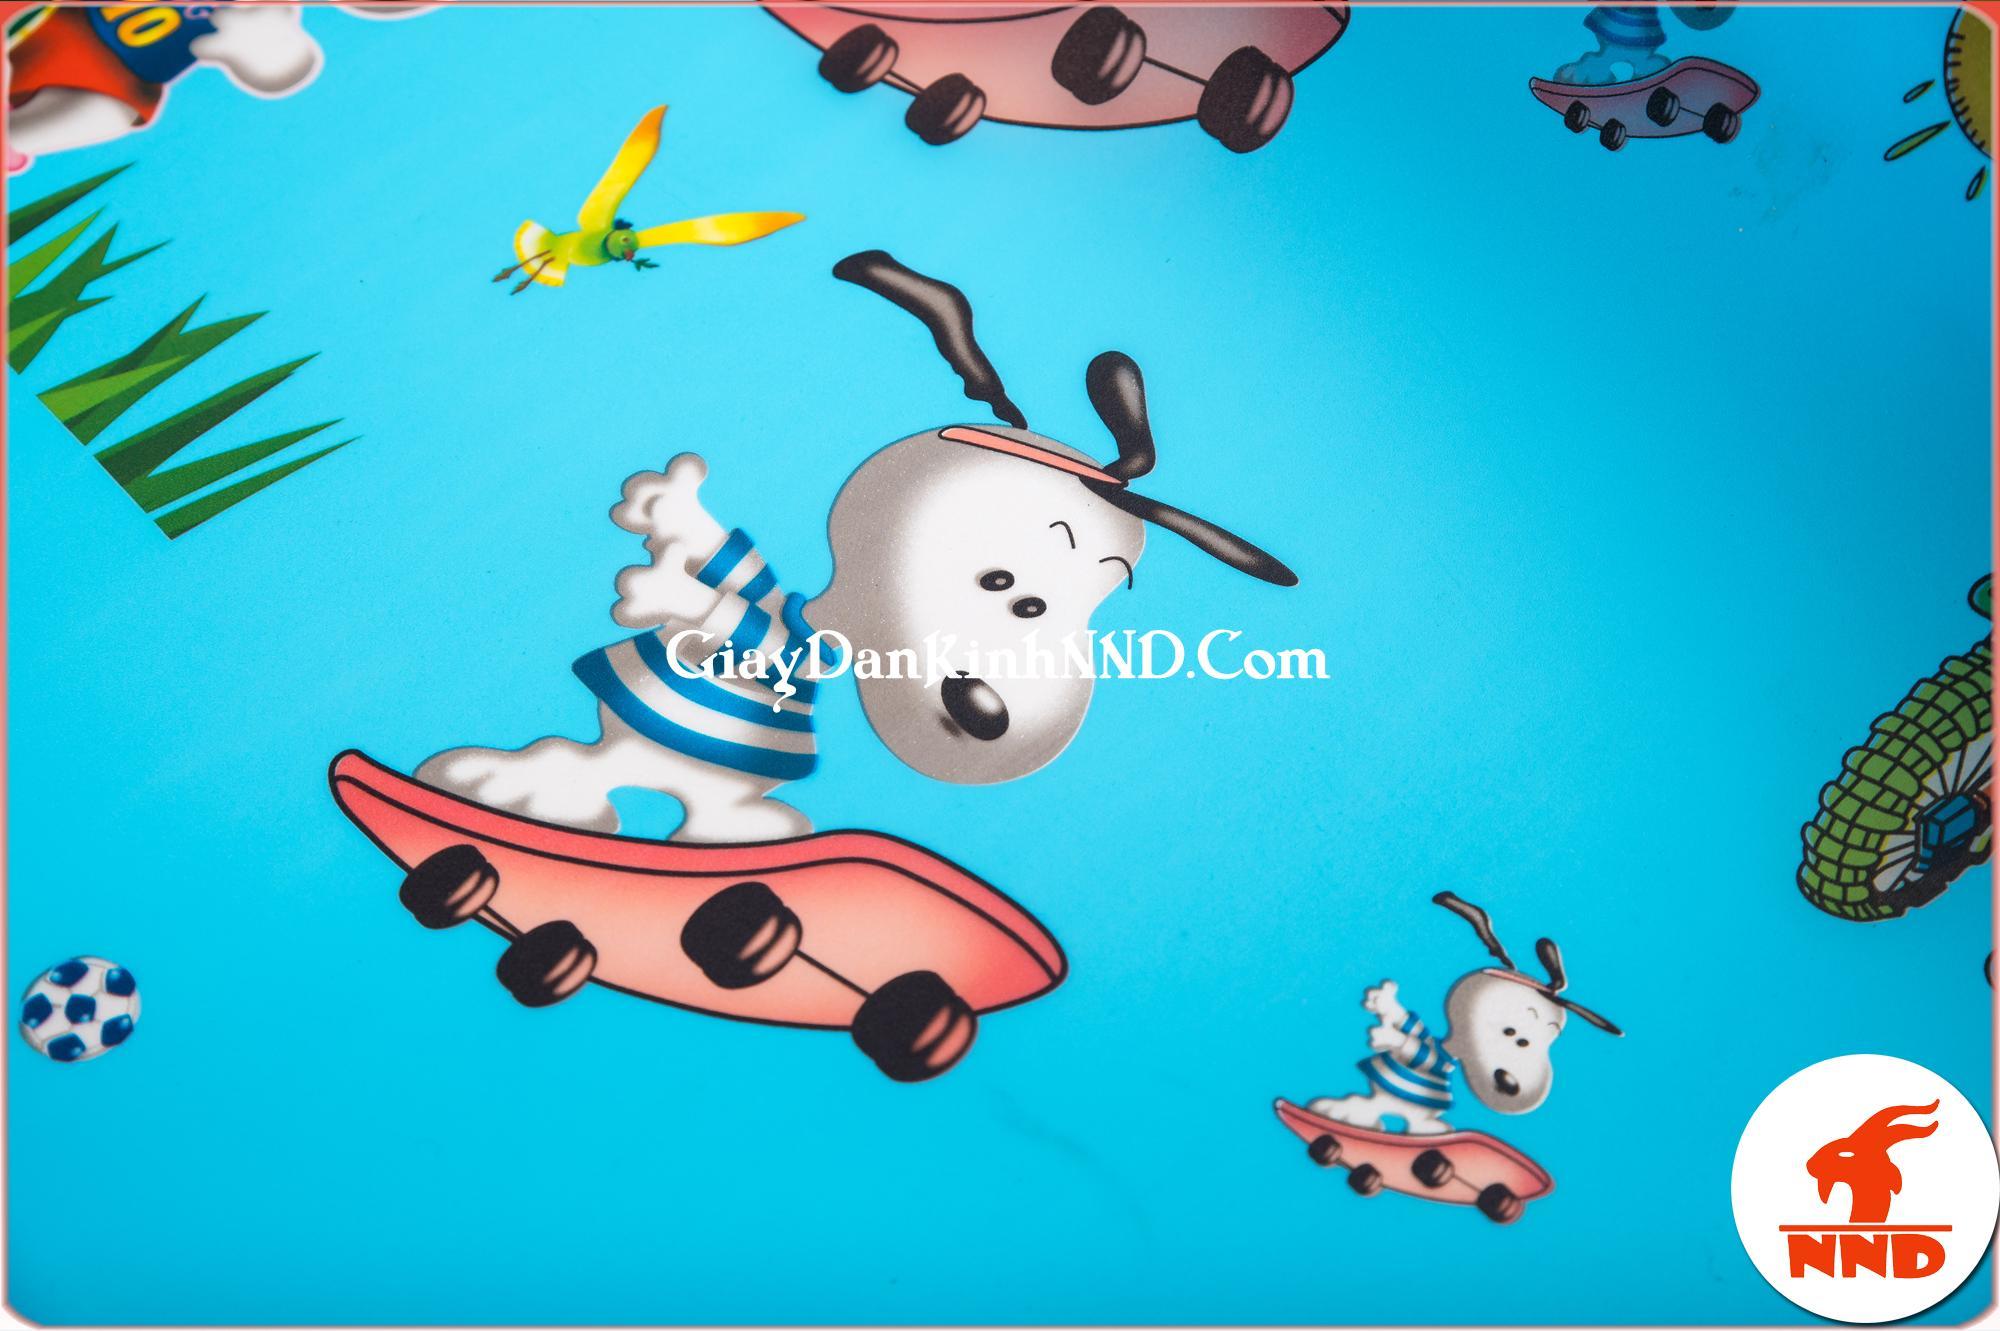 Giấy dán kính họa tiết hình chú chó mã A05